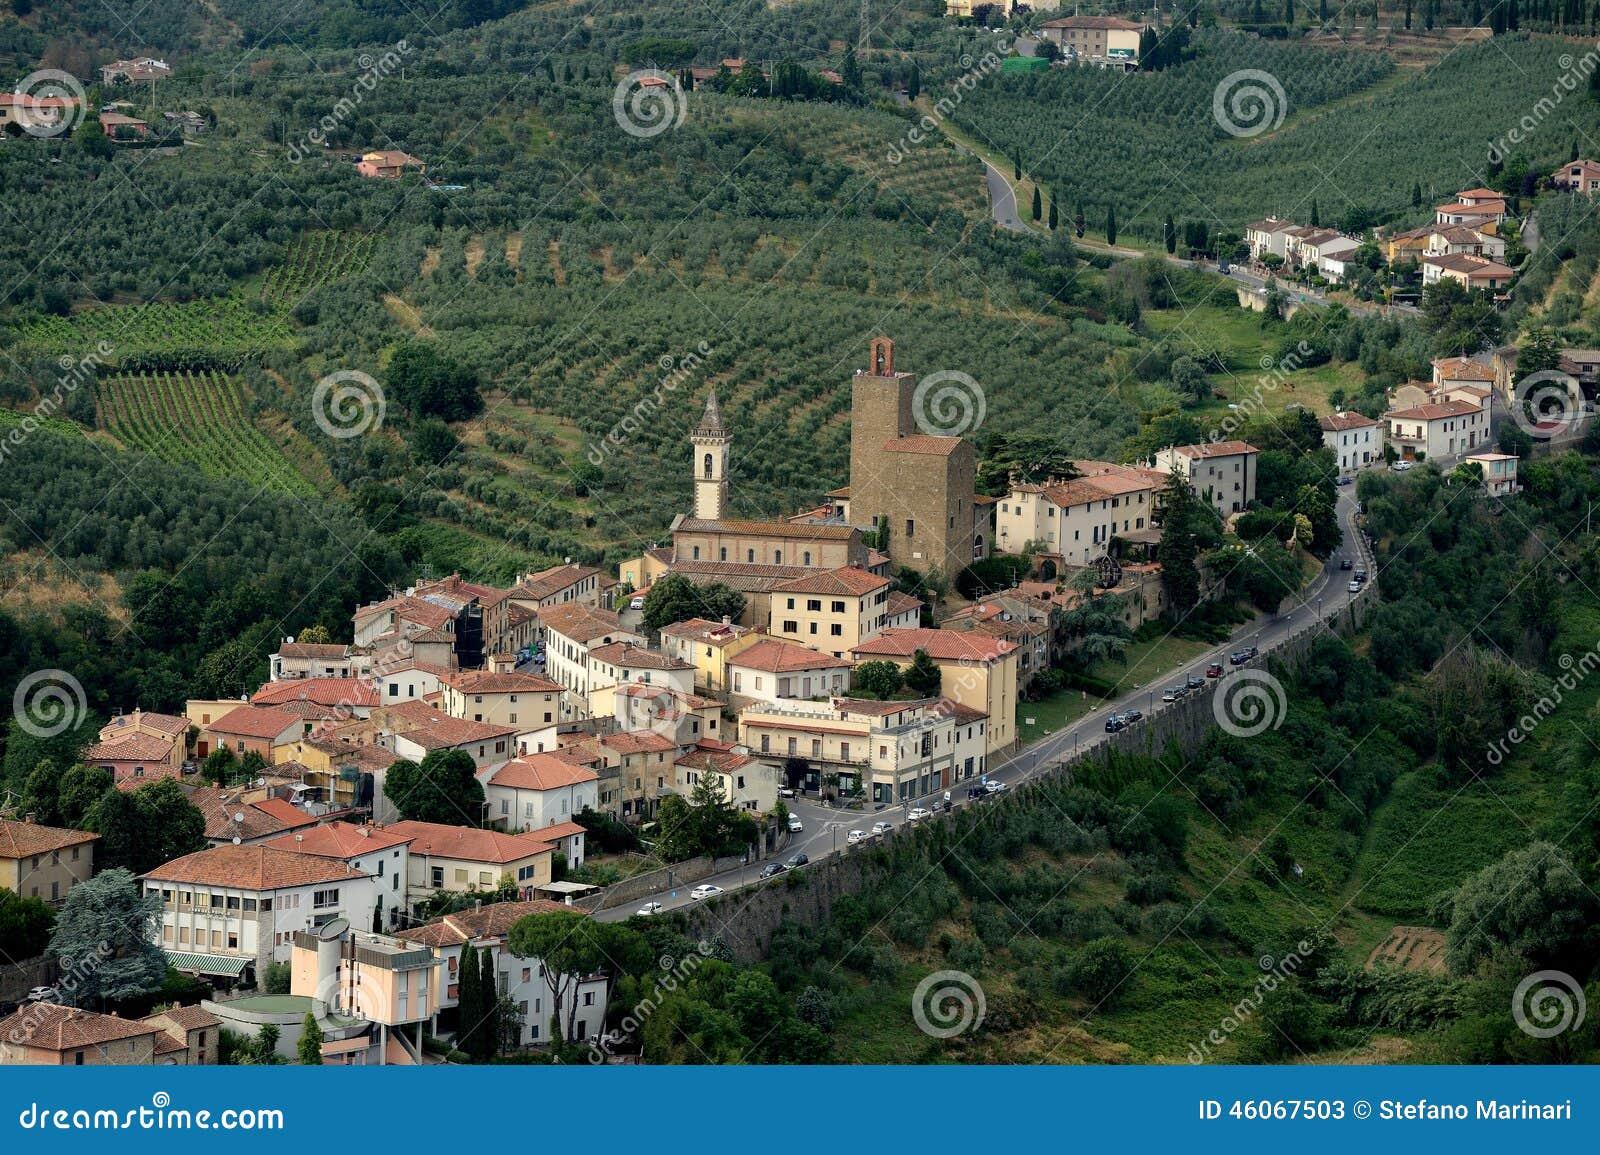 Vinci-Italy